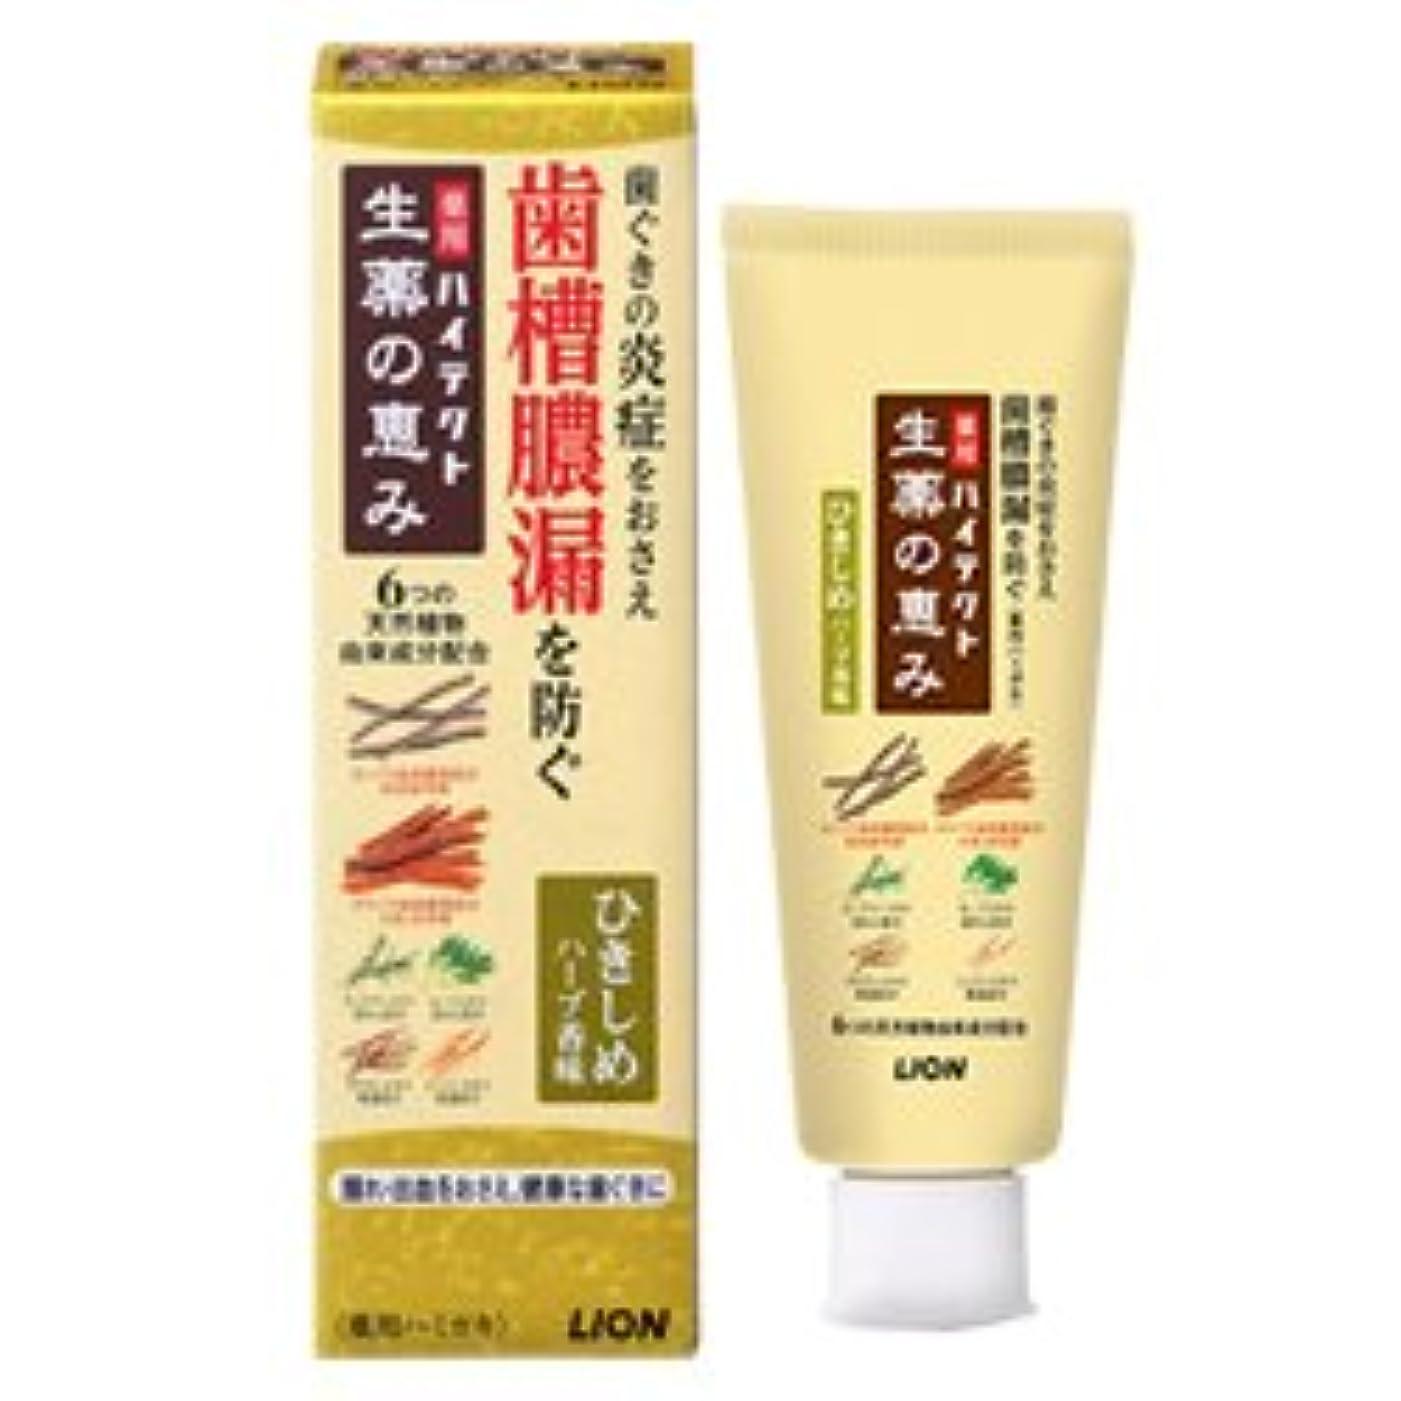 【ライオン】ハイテクト 生薬の恵み ひきしめハーブ香味90g×5個セット